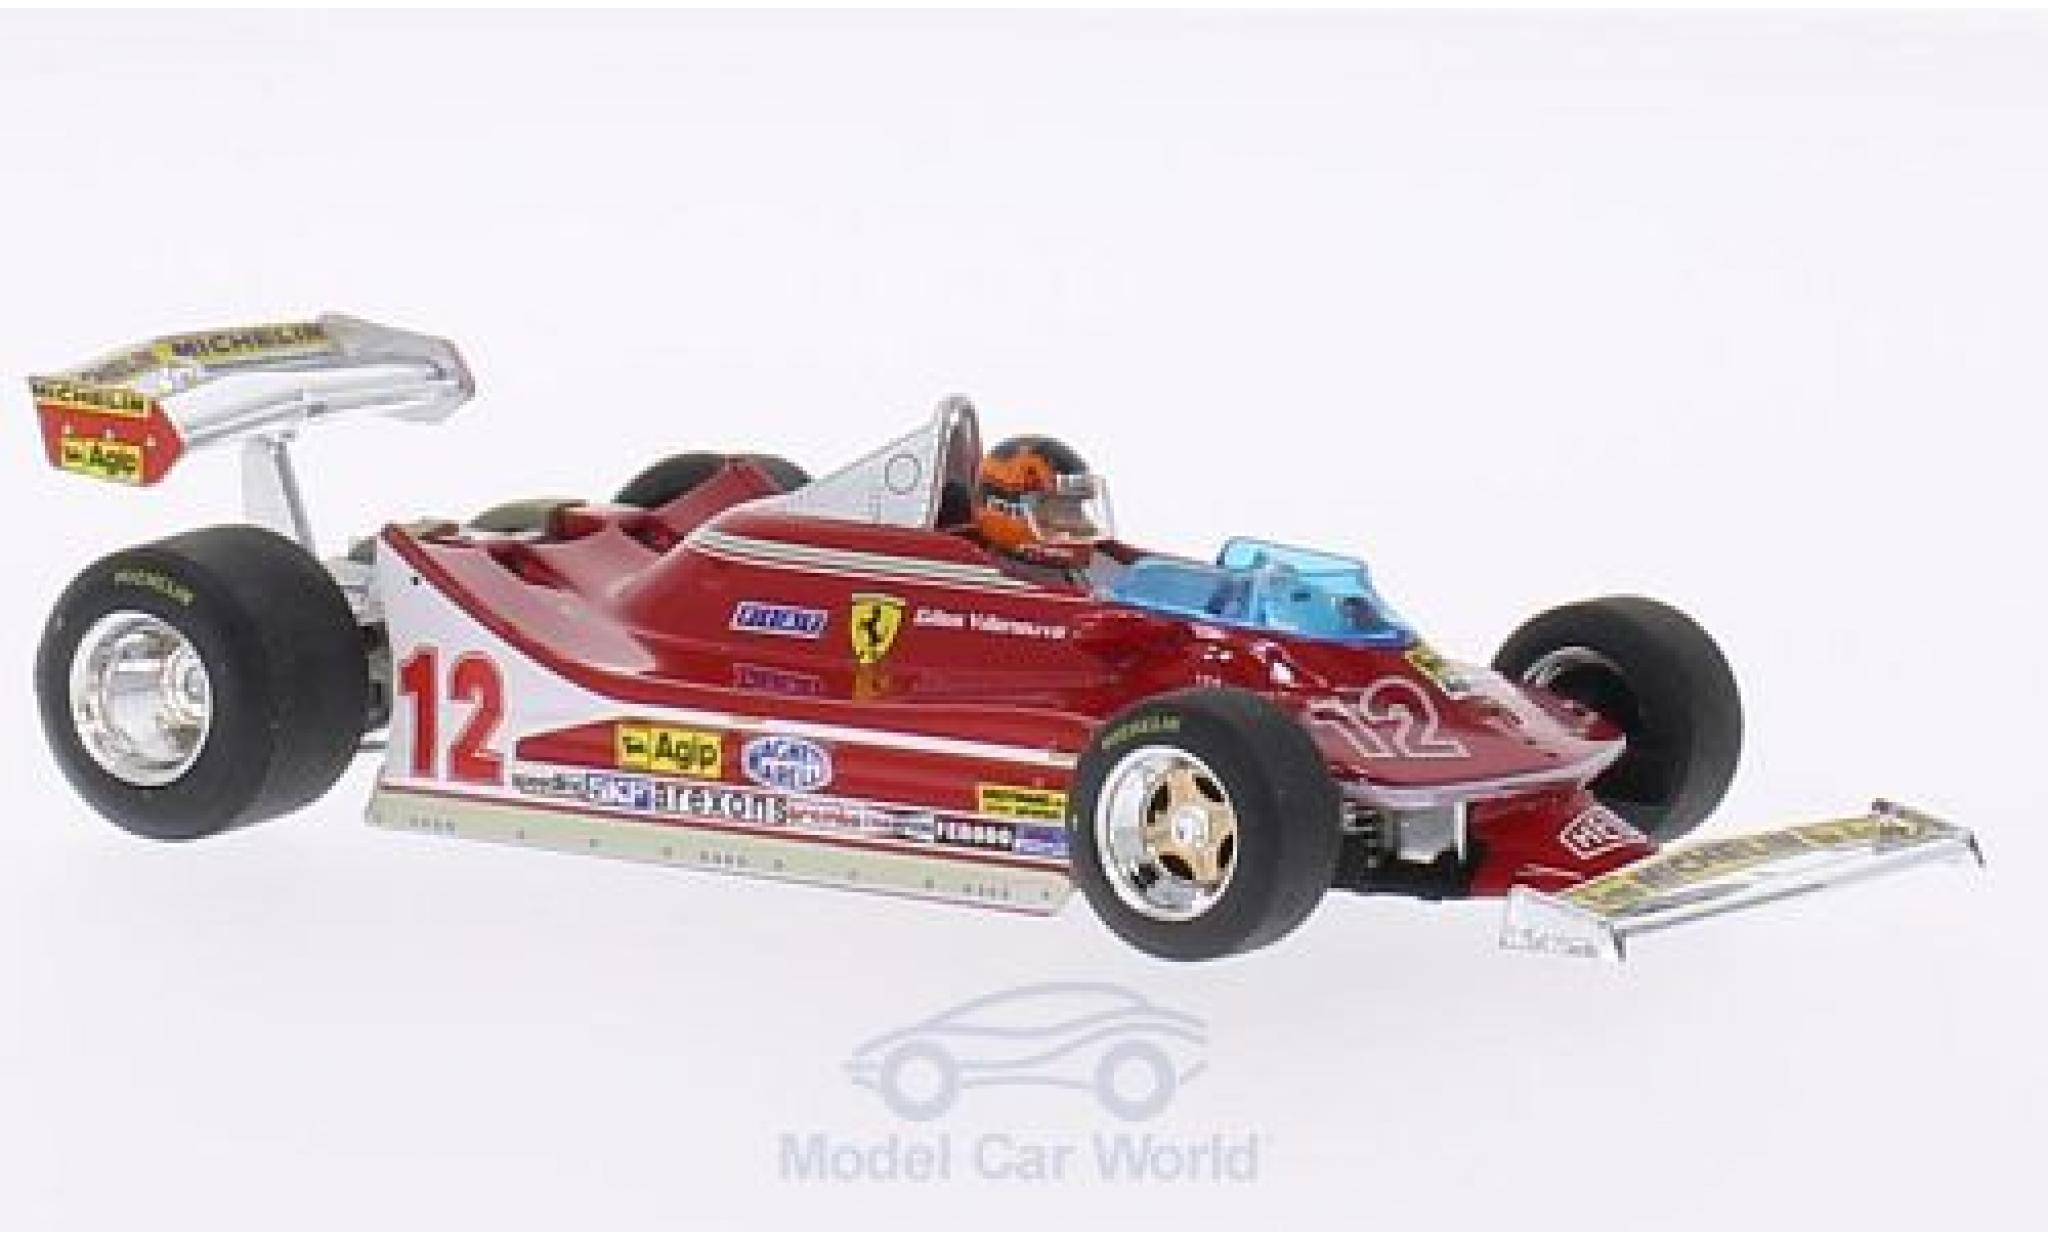 Ferrari 312 T4 1/43 Brumm No.12 Scuderia GP Niederlande 1979 mit Figur G.Villeneuve